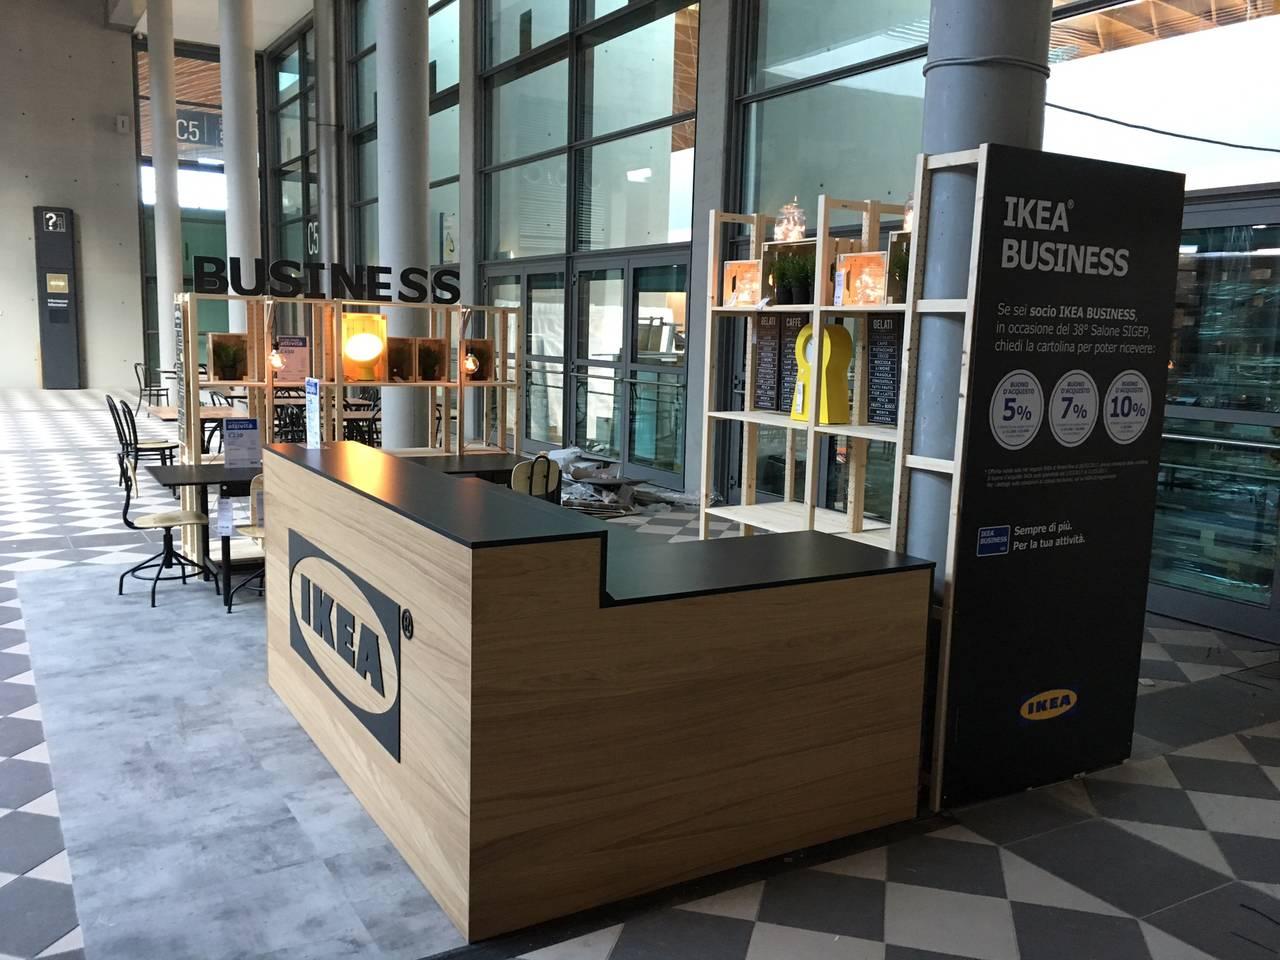 Ikea espone al sigep prodotti di arredo per attivit for Ikea orari rimini